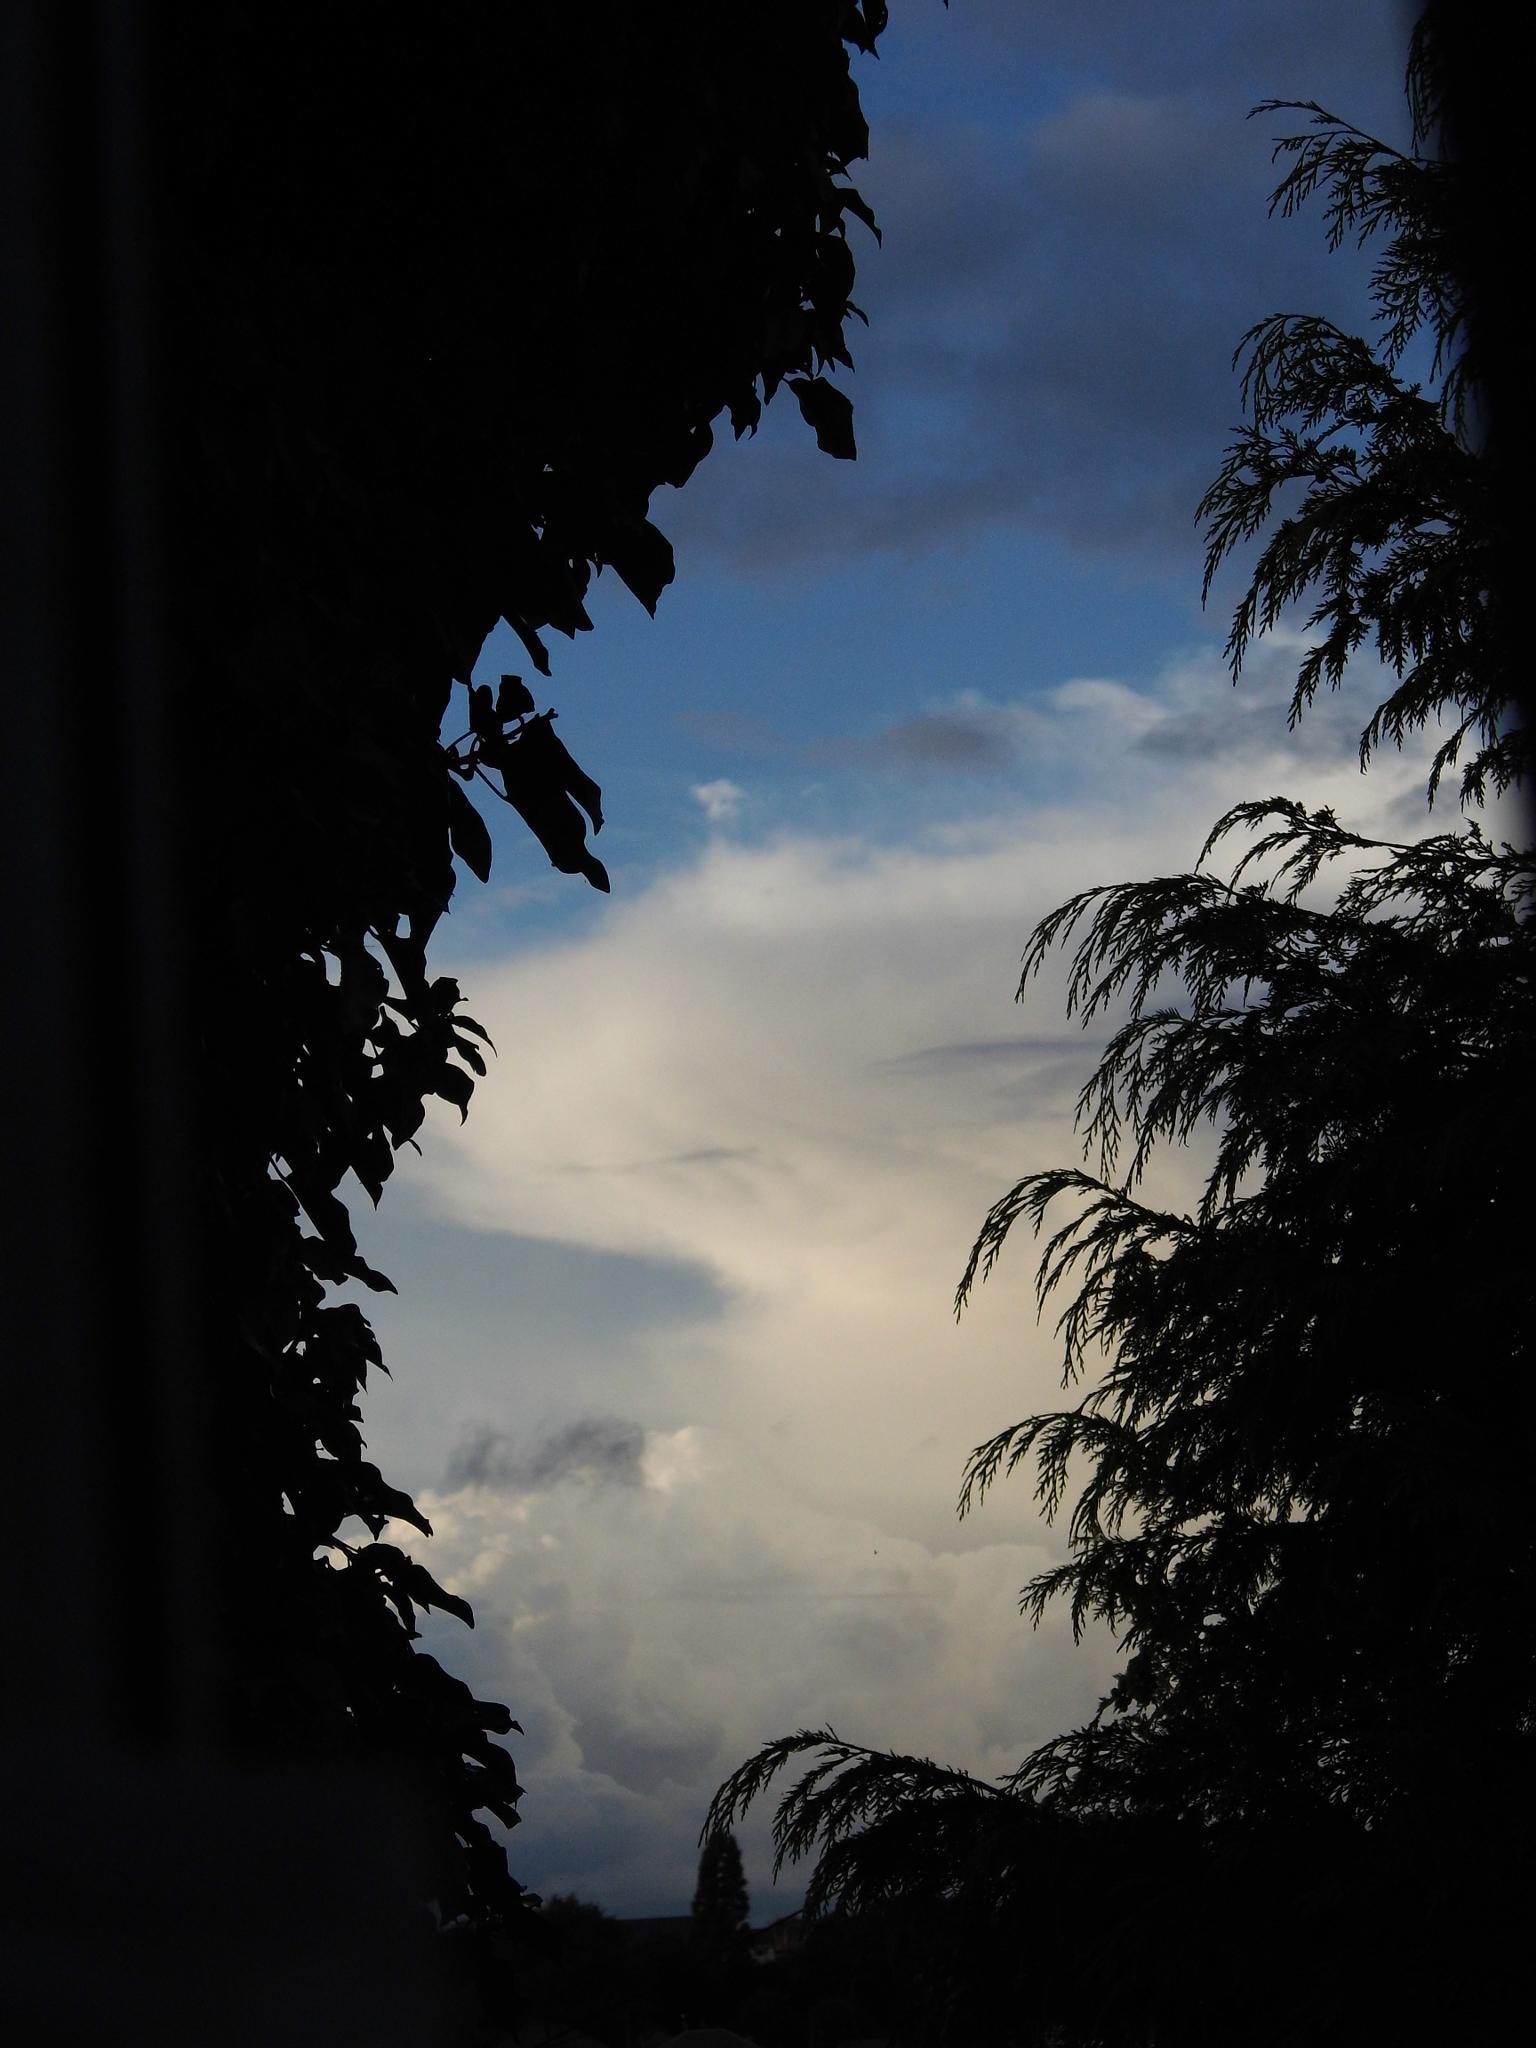 moody sky by Naomi D Tillotson-Keating